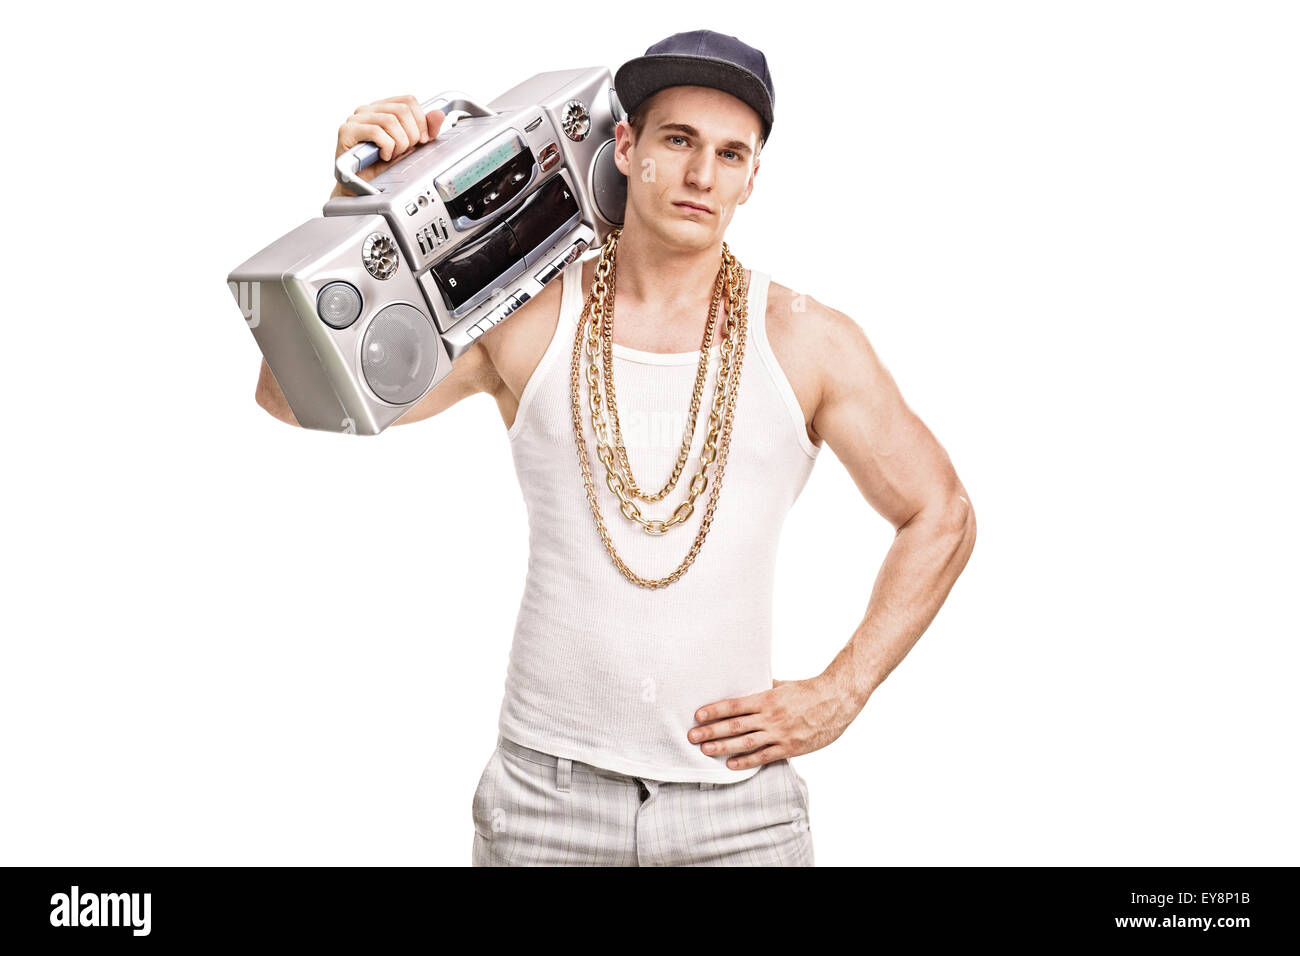 Giovane maschio rapper tenendo un ghetto blaster sulla sua spalla e  guardando la telecamera isolata su 0dad907e885b